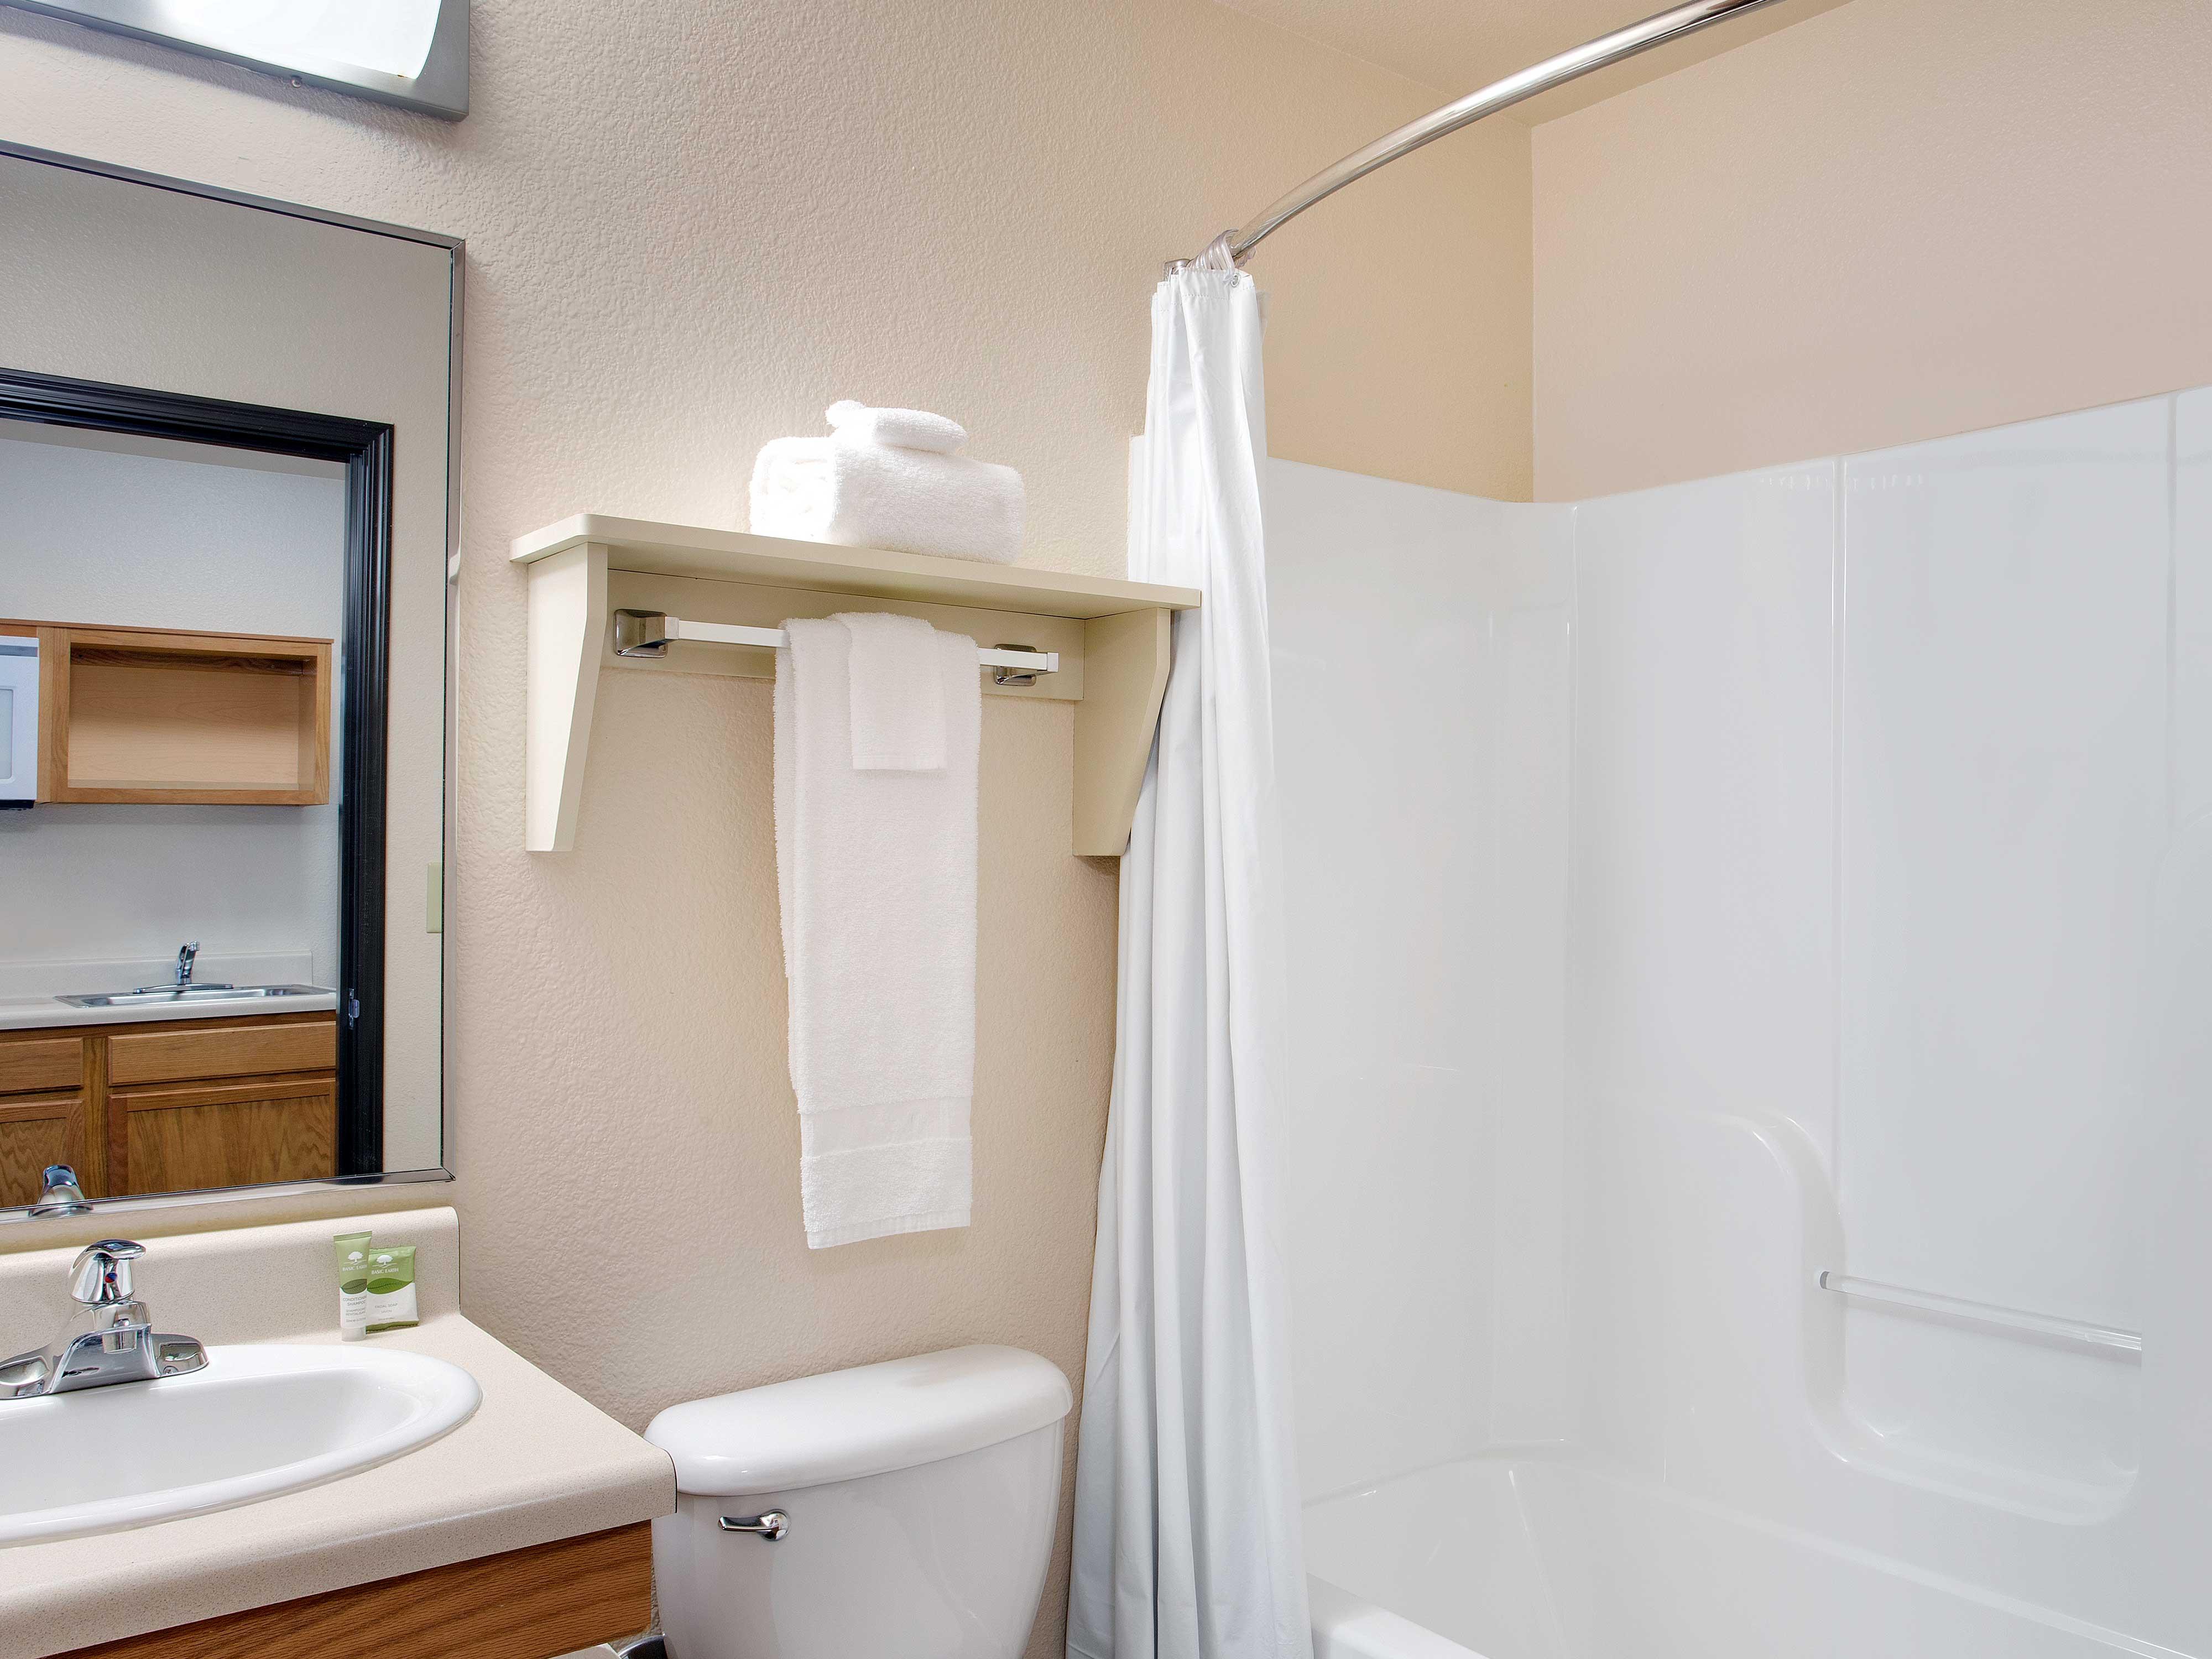 WoodSpring Suites Asheville image 21